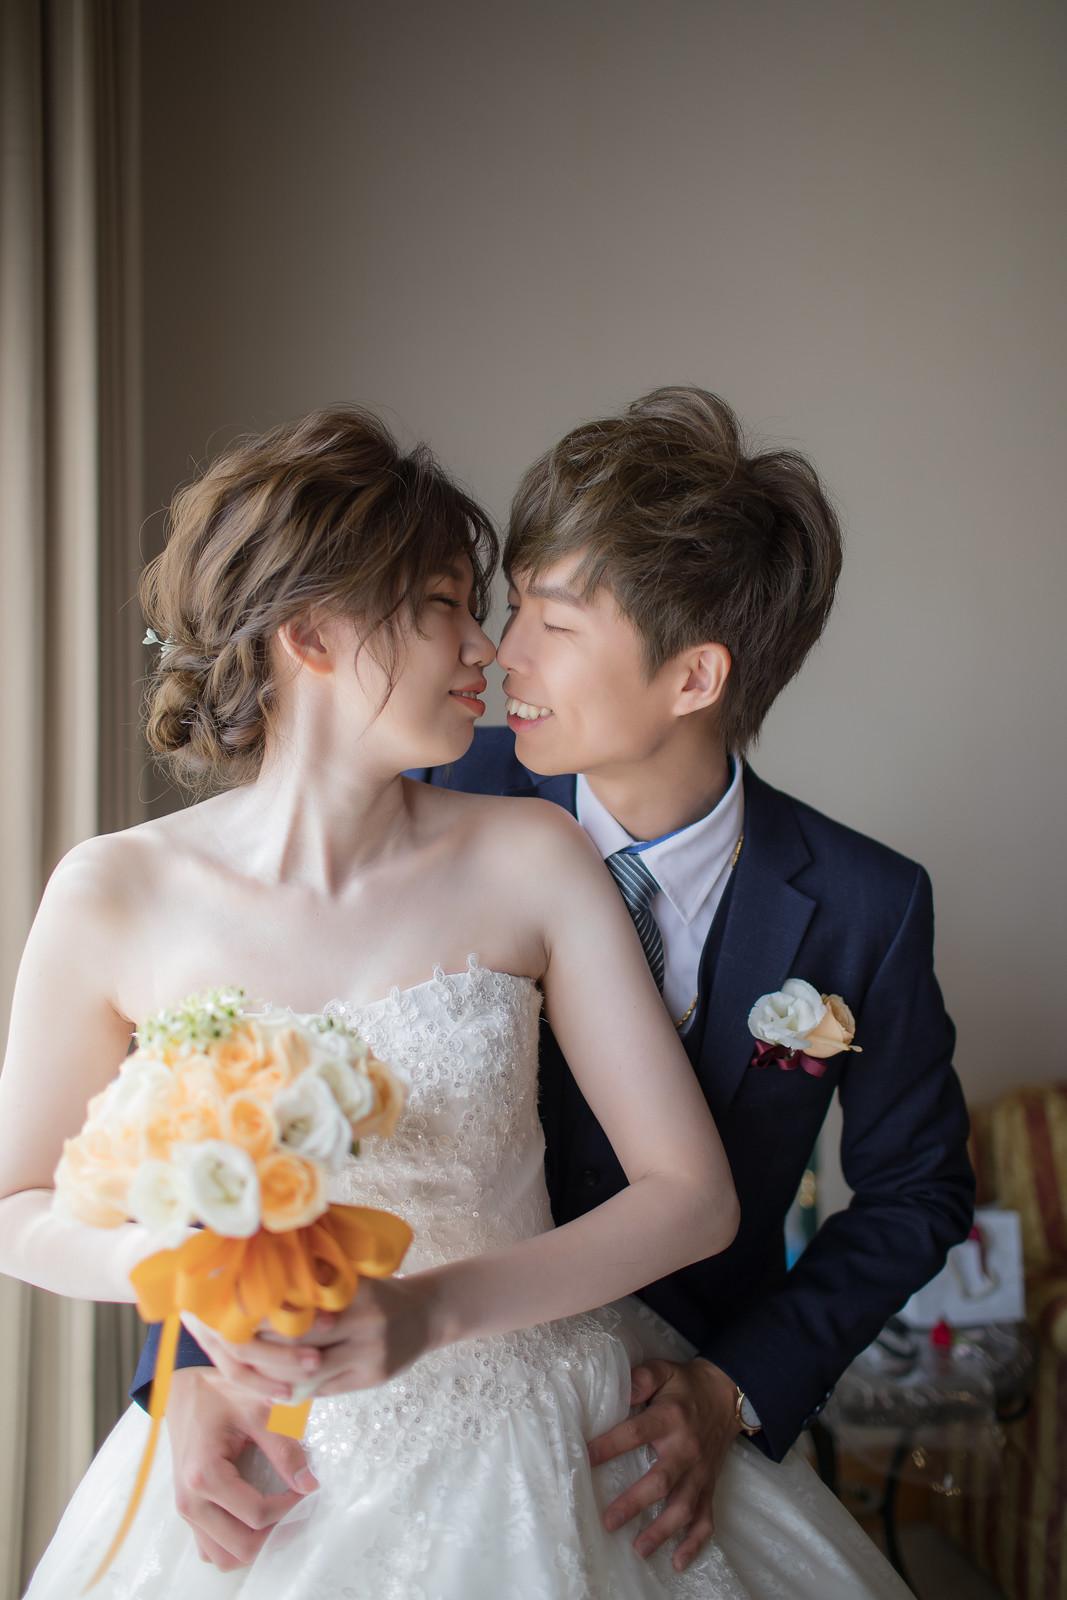 SJ1_4366-編輯